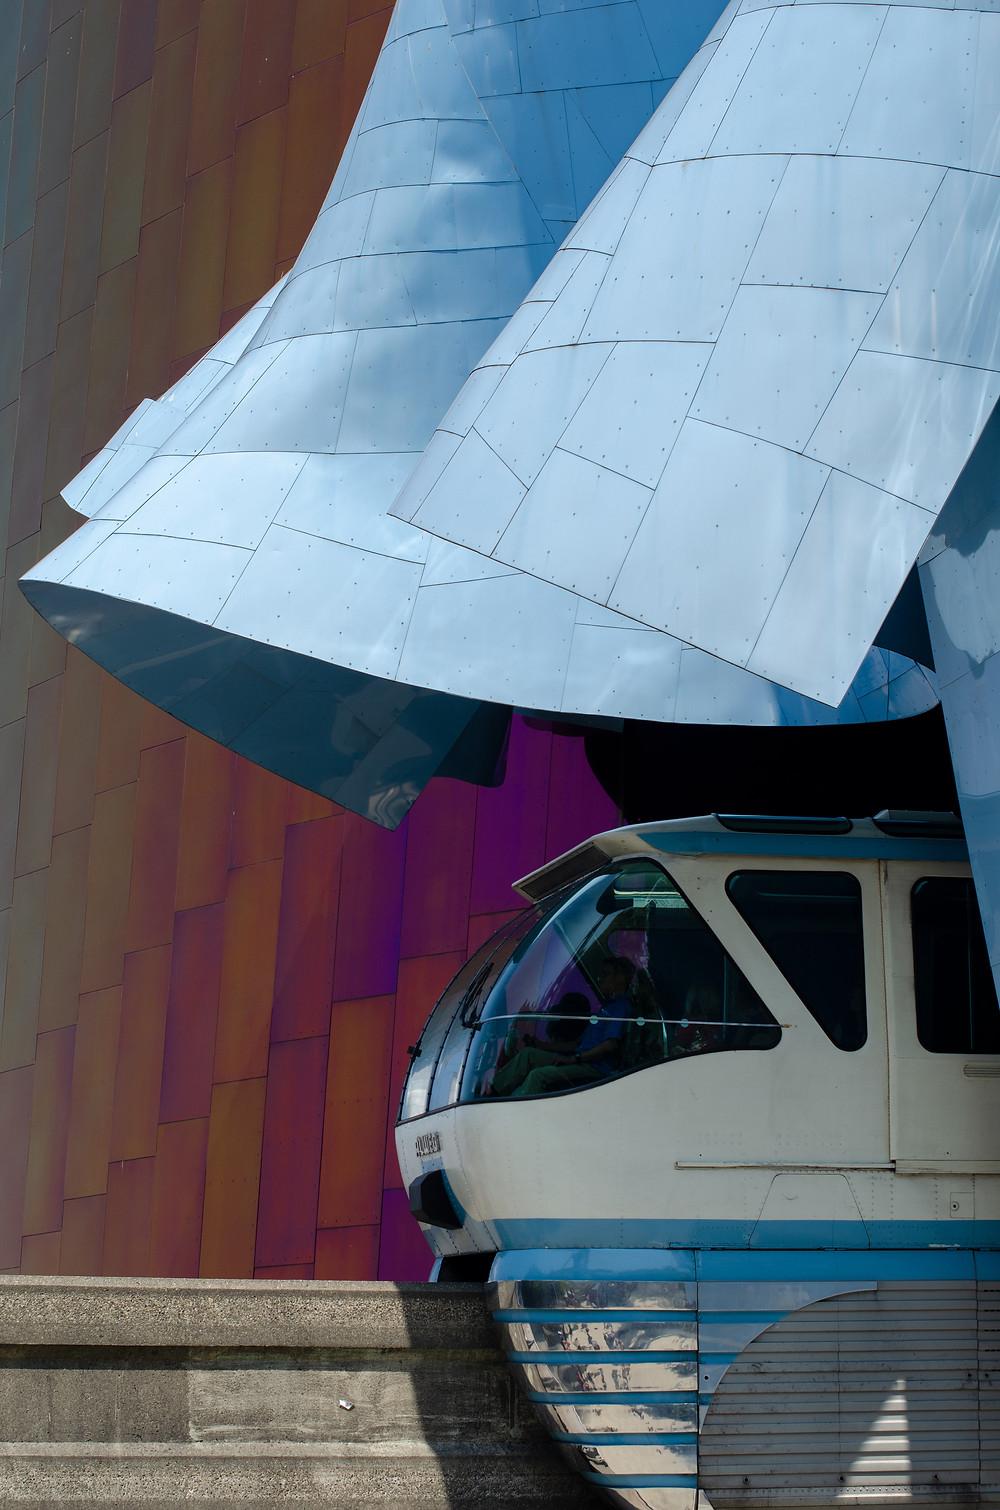 monorail wraps